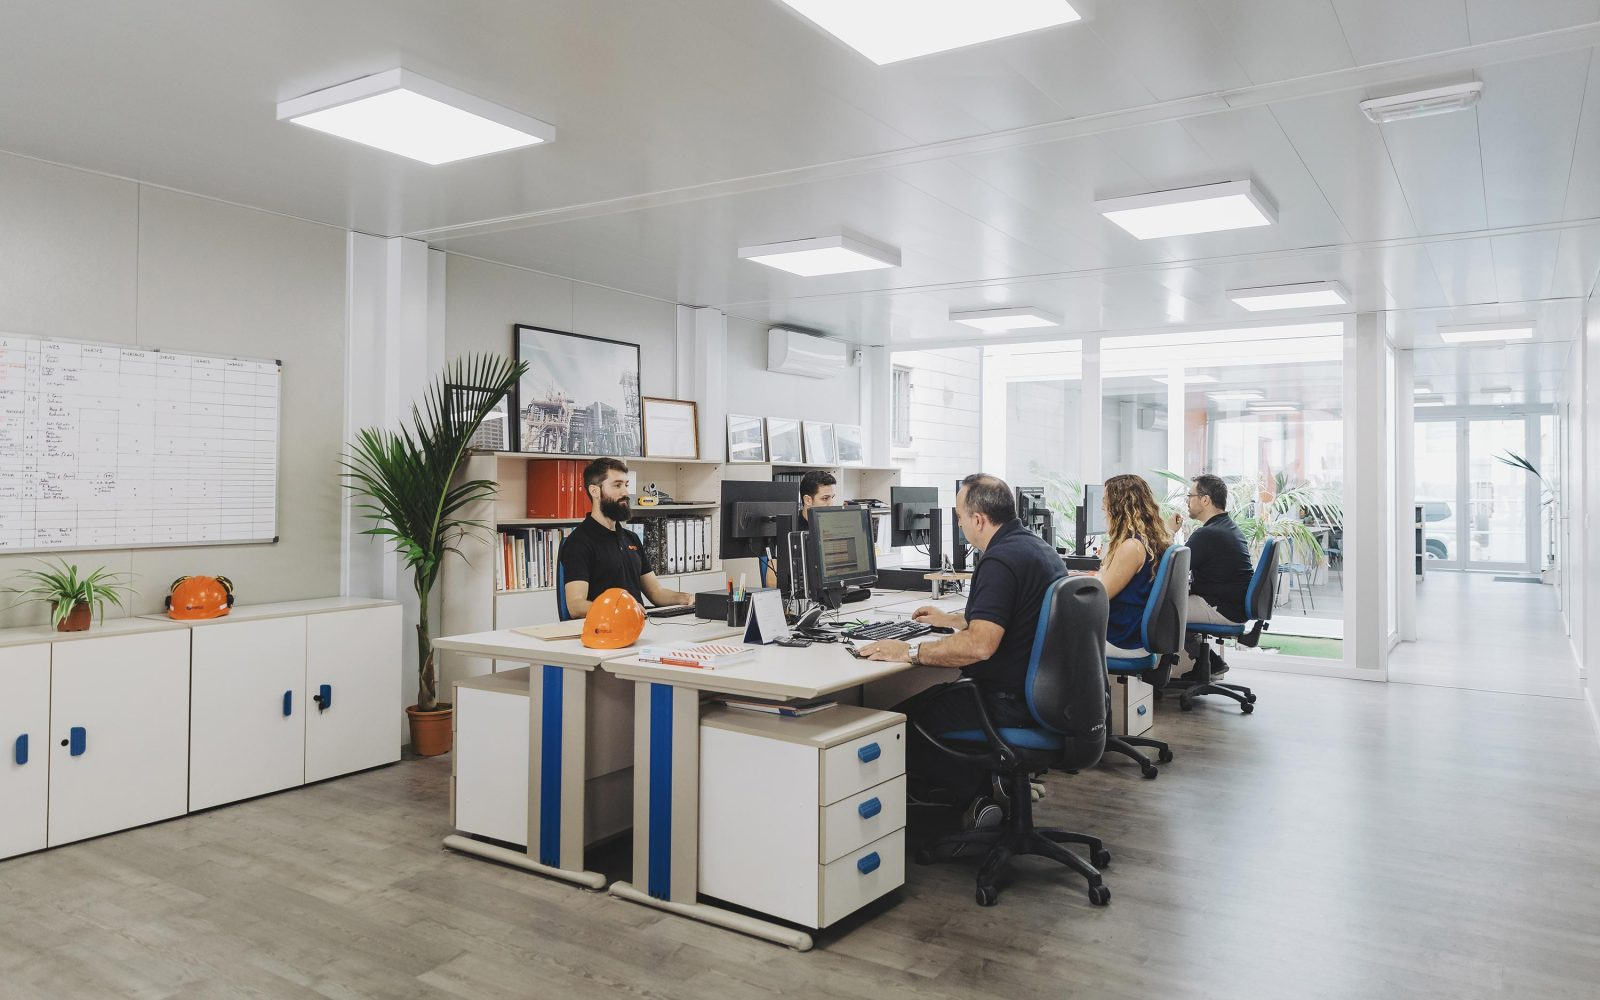 enesa-oficinas2